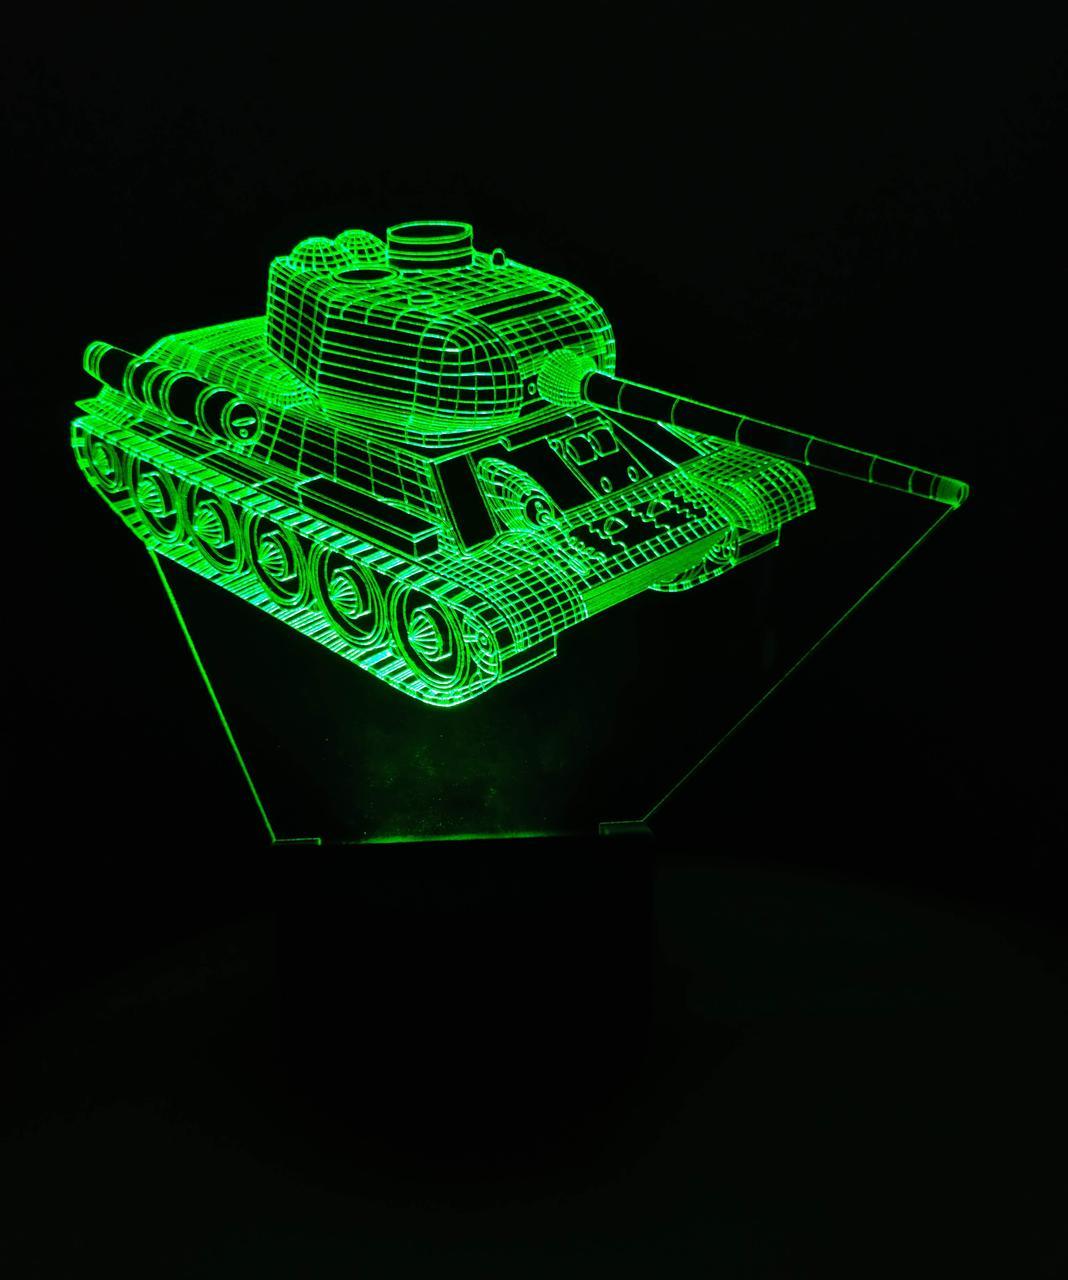 3d-светильник Танк Т 34-85, 3д-ночник, несколько подсветок (на батарейке), подарок военному мальчику